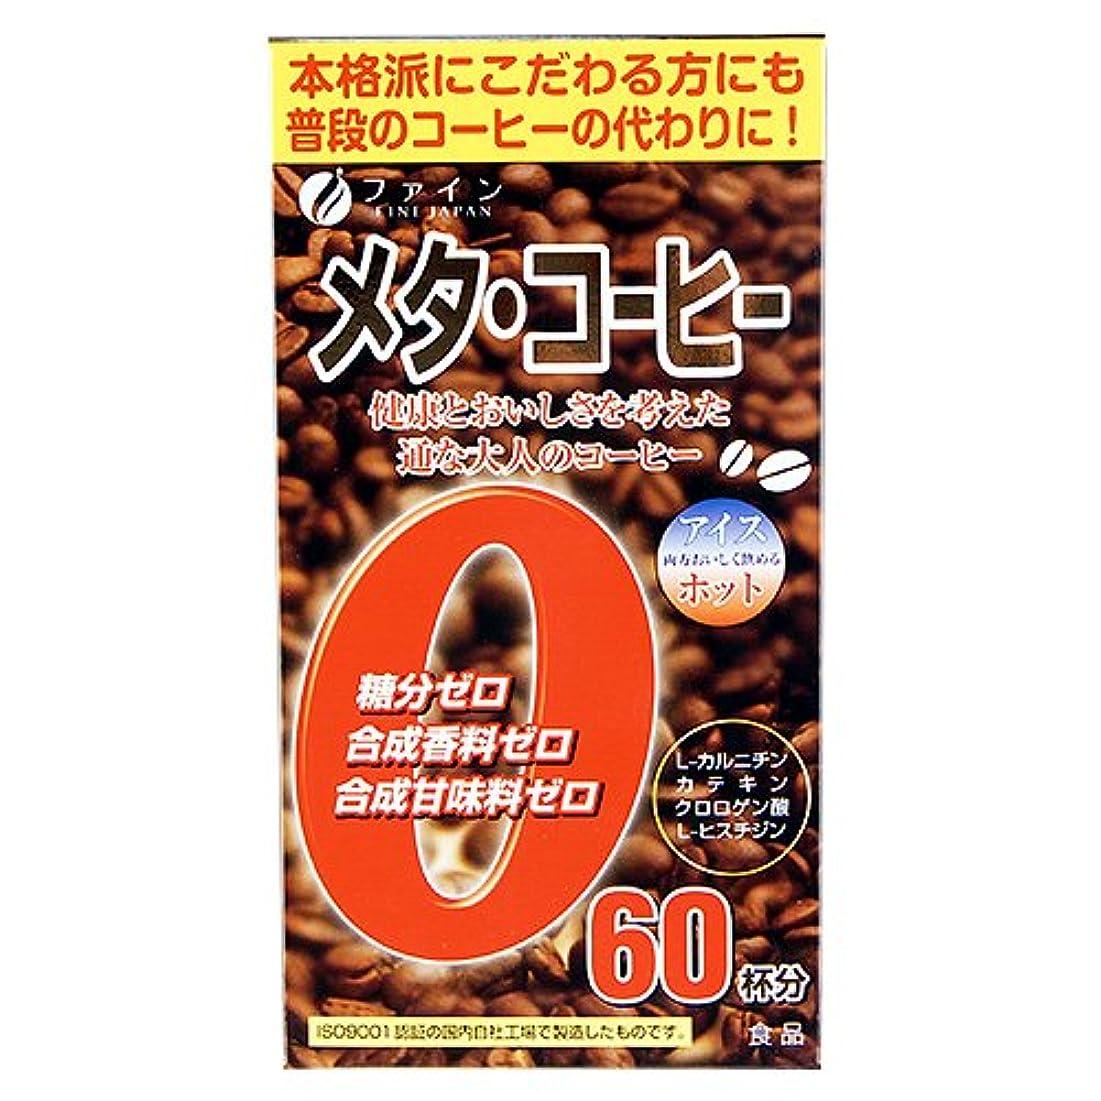 胃平等見せますメタコーヒー 66g 1.1g×60包 ファイン